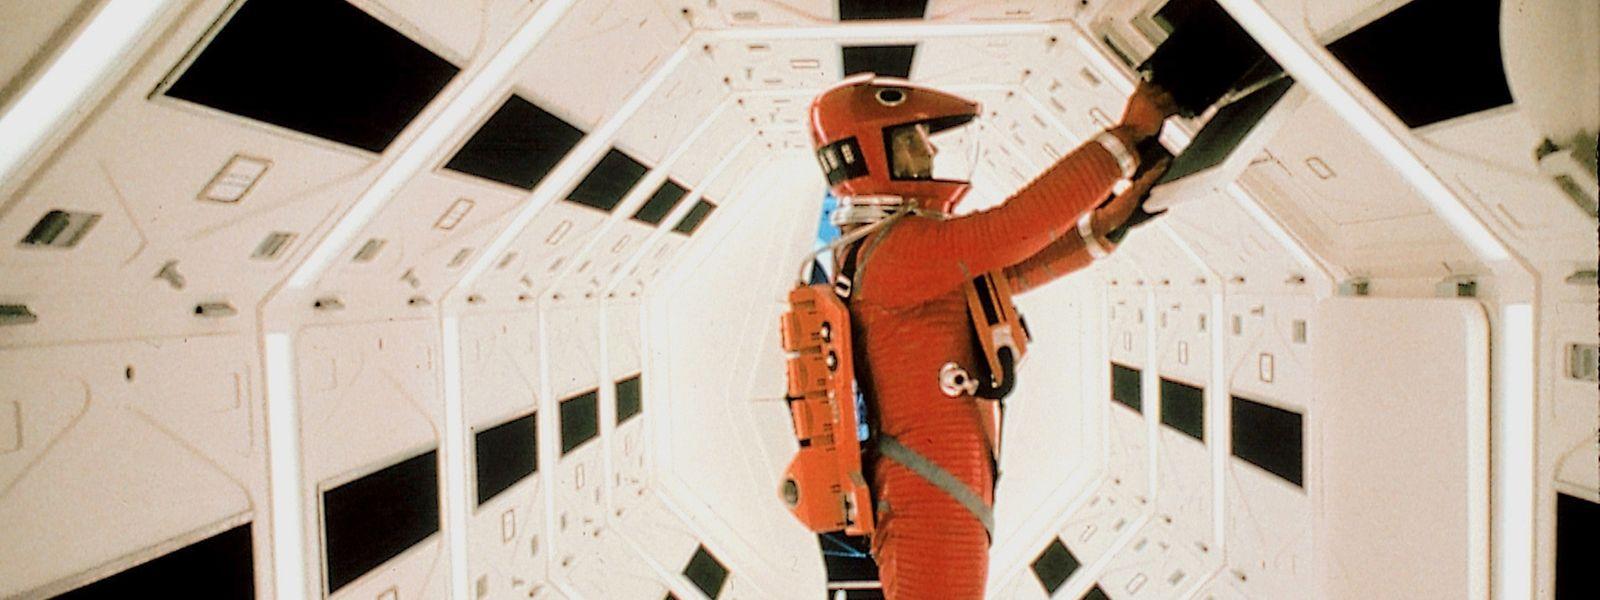 """Kubricks Film basiert auf einer Kurzgeschichte des Schriftstellers und Zukunftsforschers Arthur C. Clarke: Mit seinem realistischen Raumschiff """"Discovery"""" (hier im Bild) schuf er neue filmtechnische Standards."""